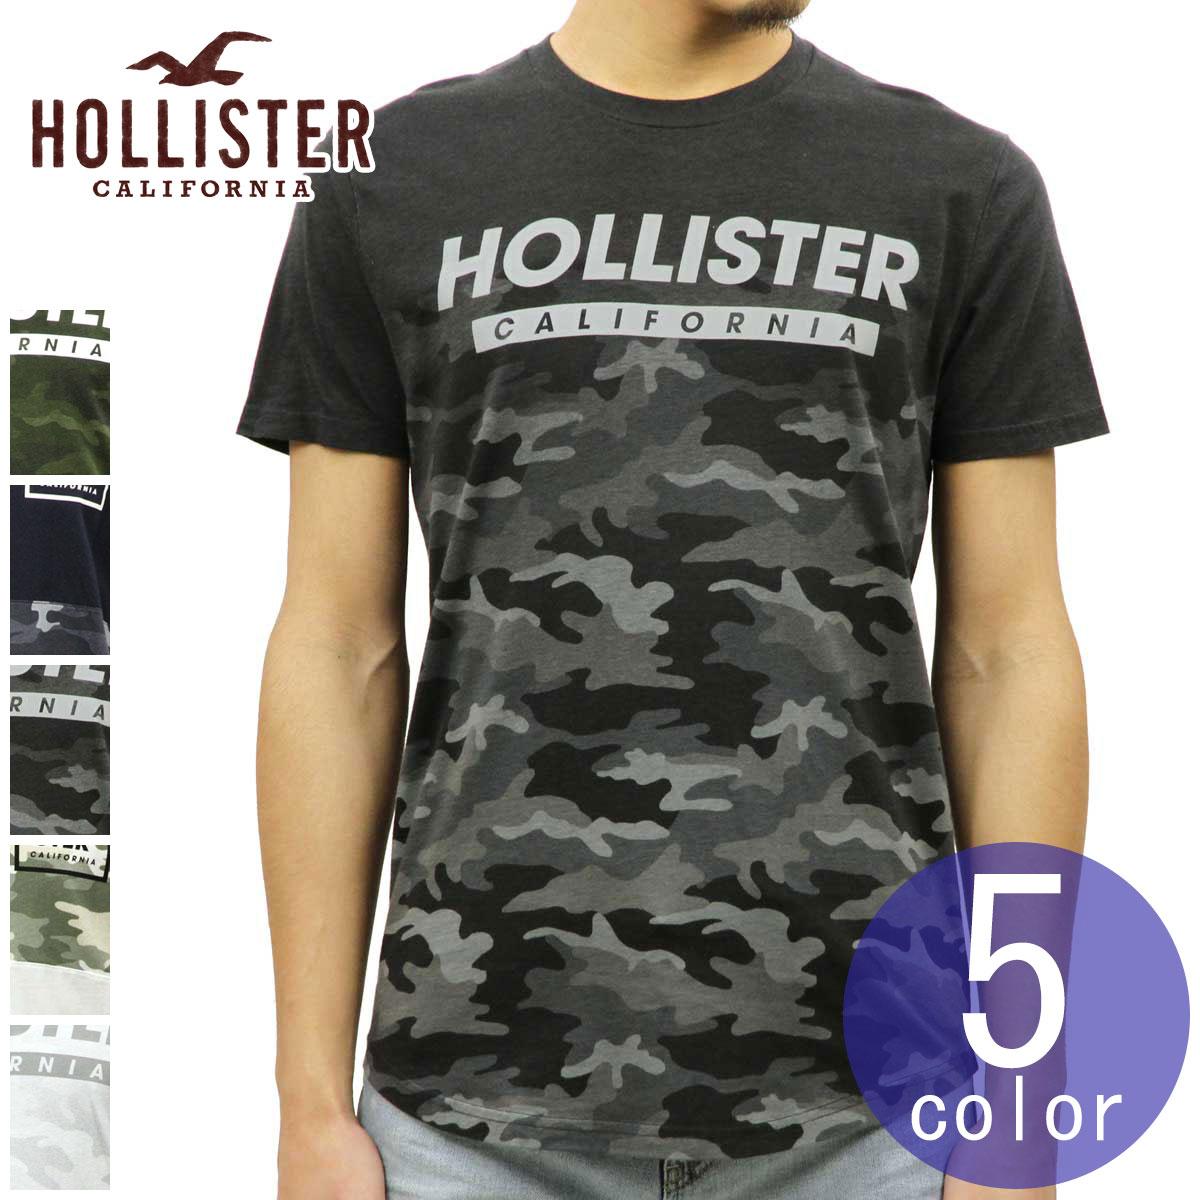 ホリスター HOLLISTER 正規品 メンズ クルーネック カーブヘム カモフラージュ 迷彩柄 半袖Tシャツ Camo Graphic Tee